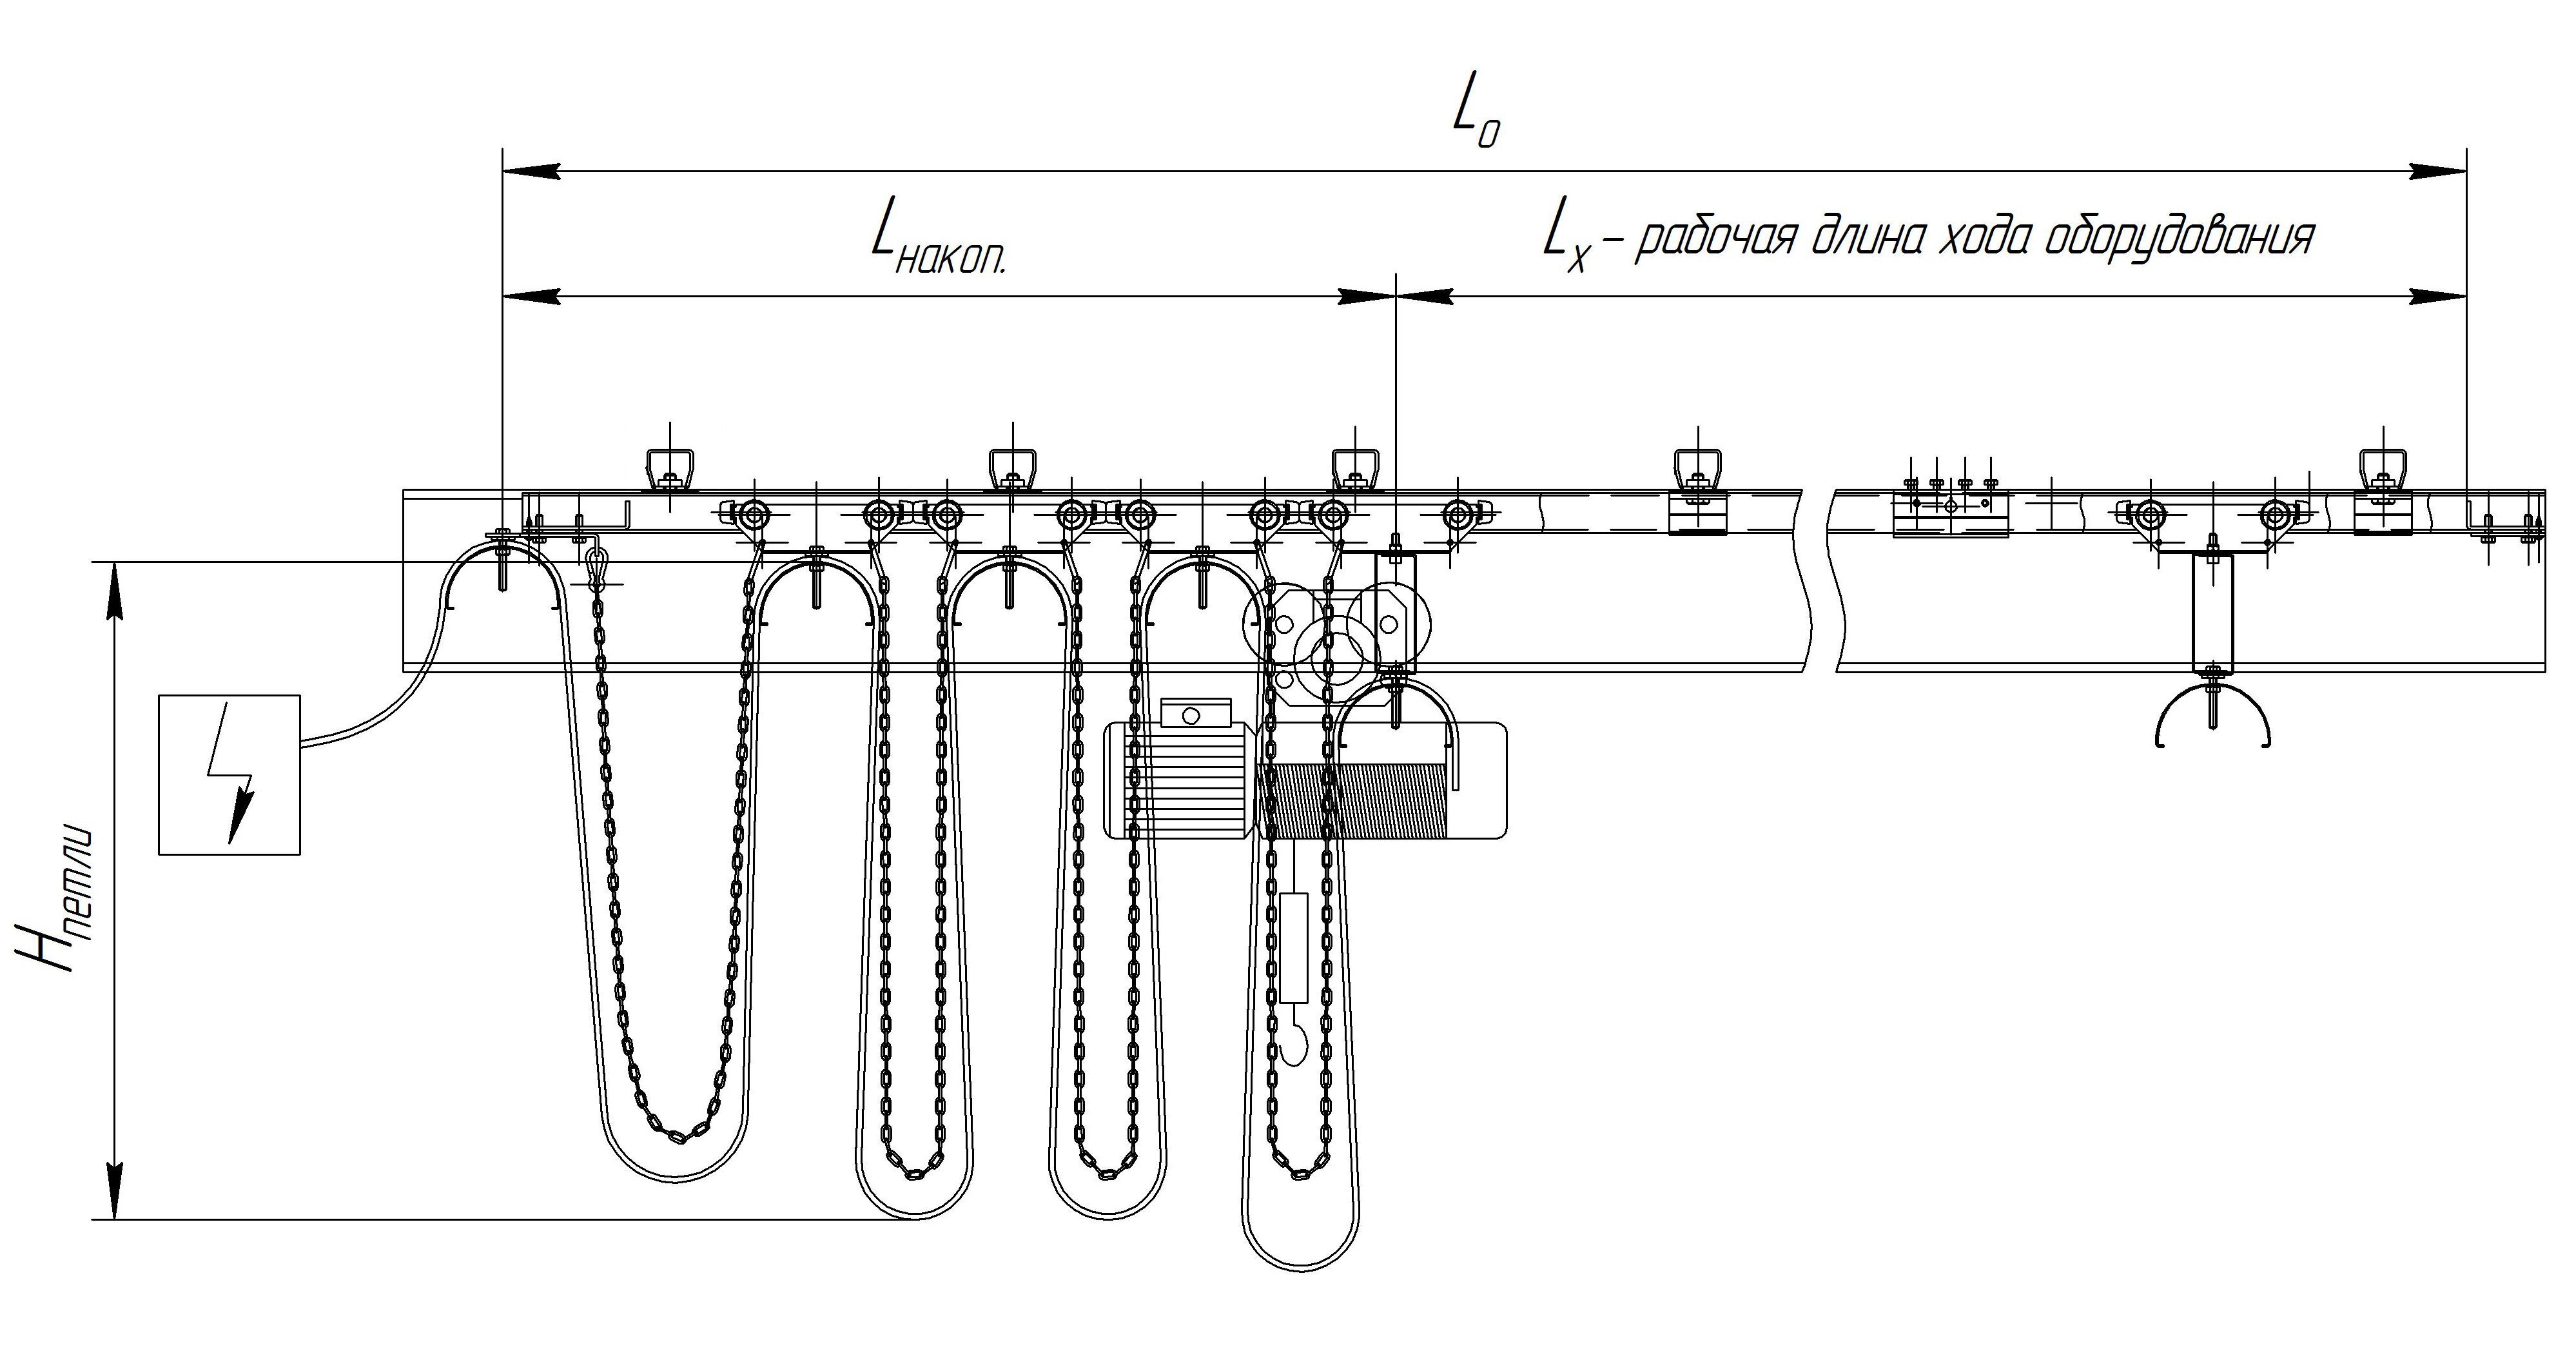 Схема кабельного токоподвода